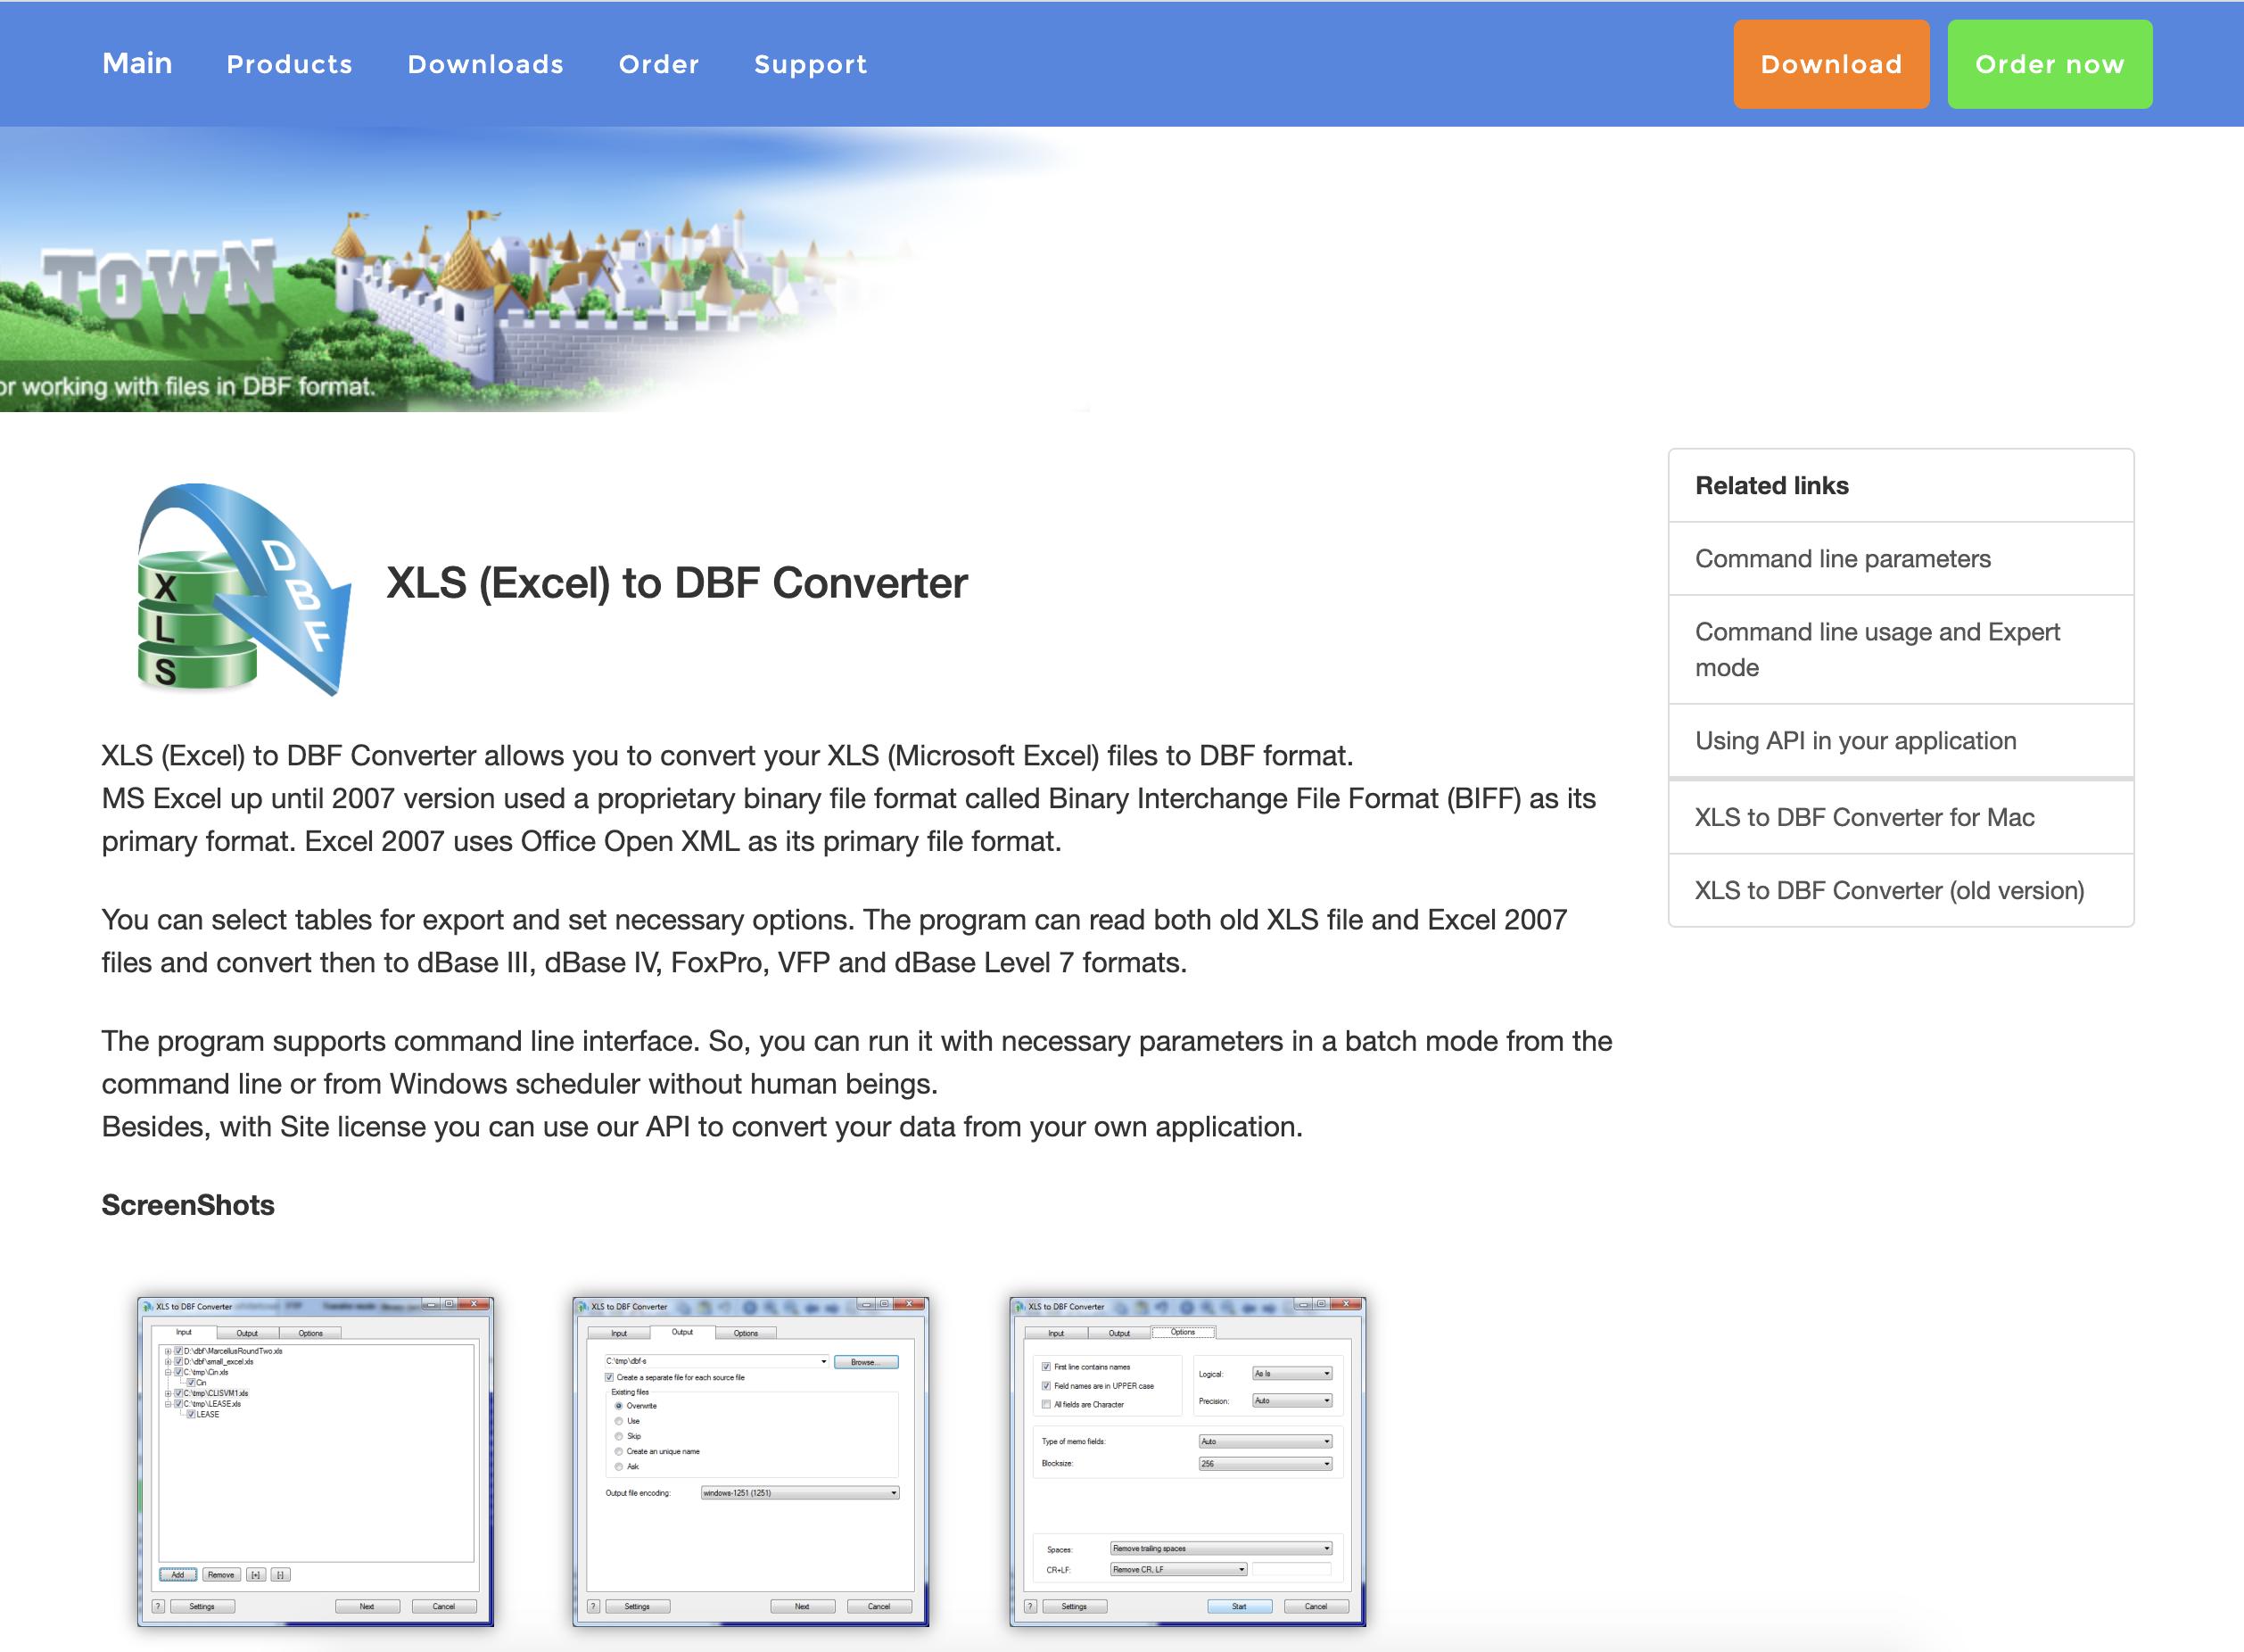 как конвертировать эксель в дбф (DBF -формат базы данных)